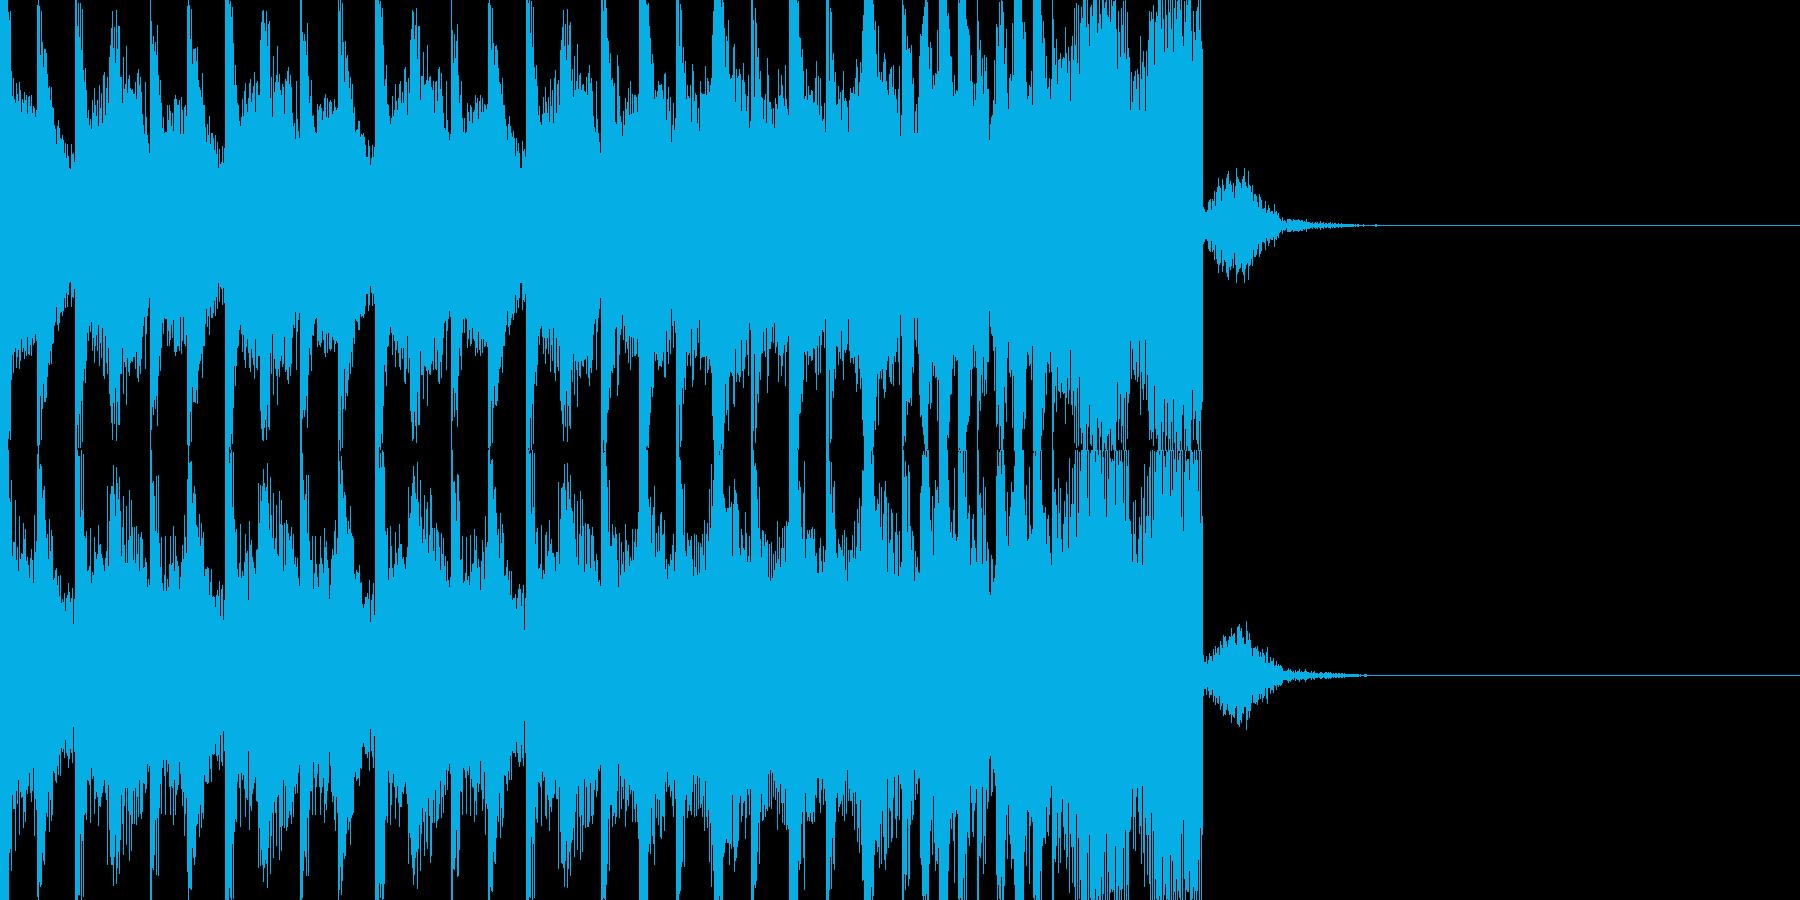 BPM128EDMビルドアップですの再生済みの波形